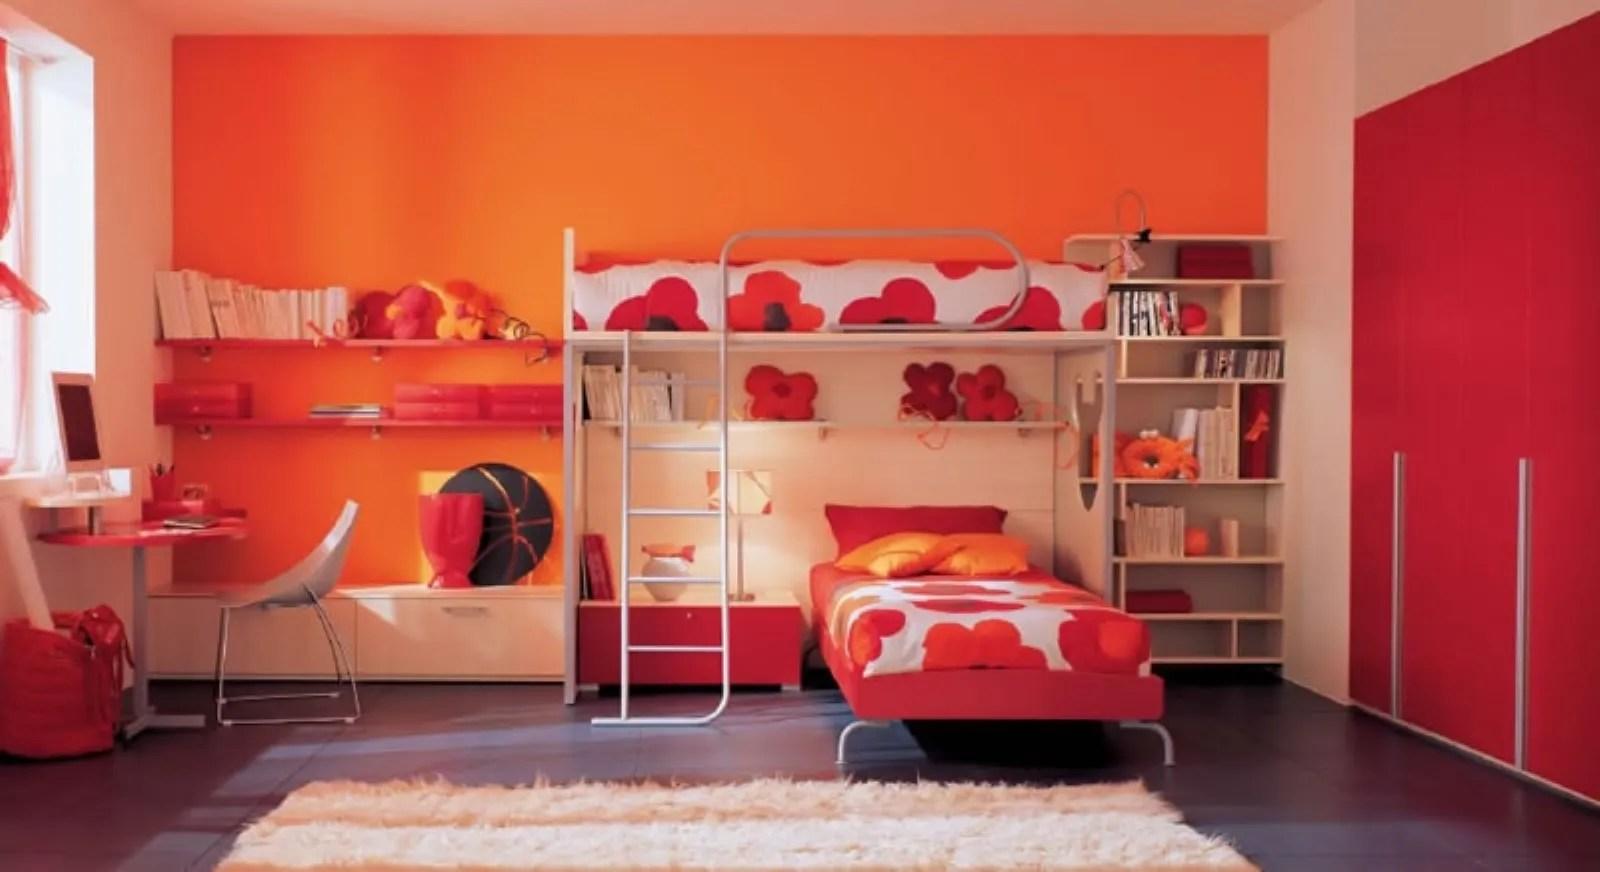 Scopri la nostra selezione di camerette per bambini per arredare la tua casa: Semeraro Camerette Moderne E Colorate